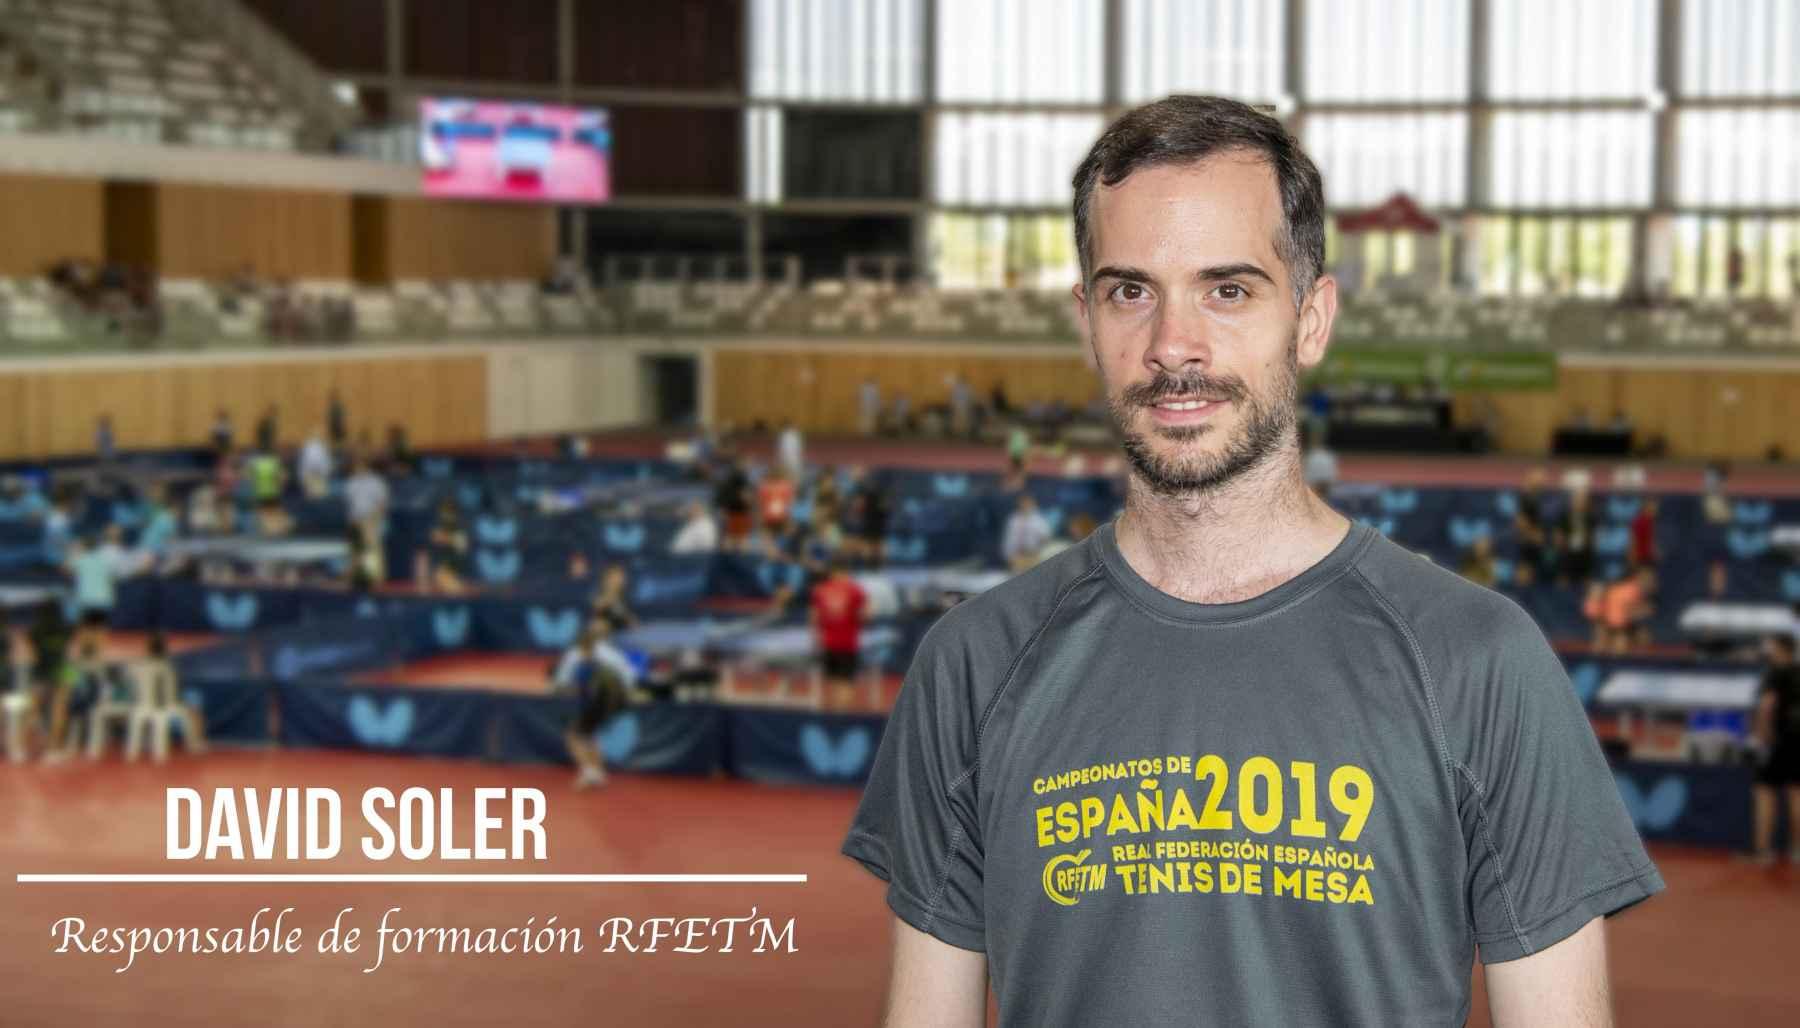 David Soler, Responsable de Formación RFETM